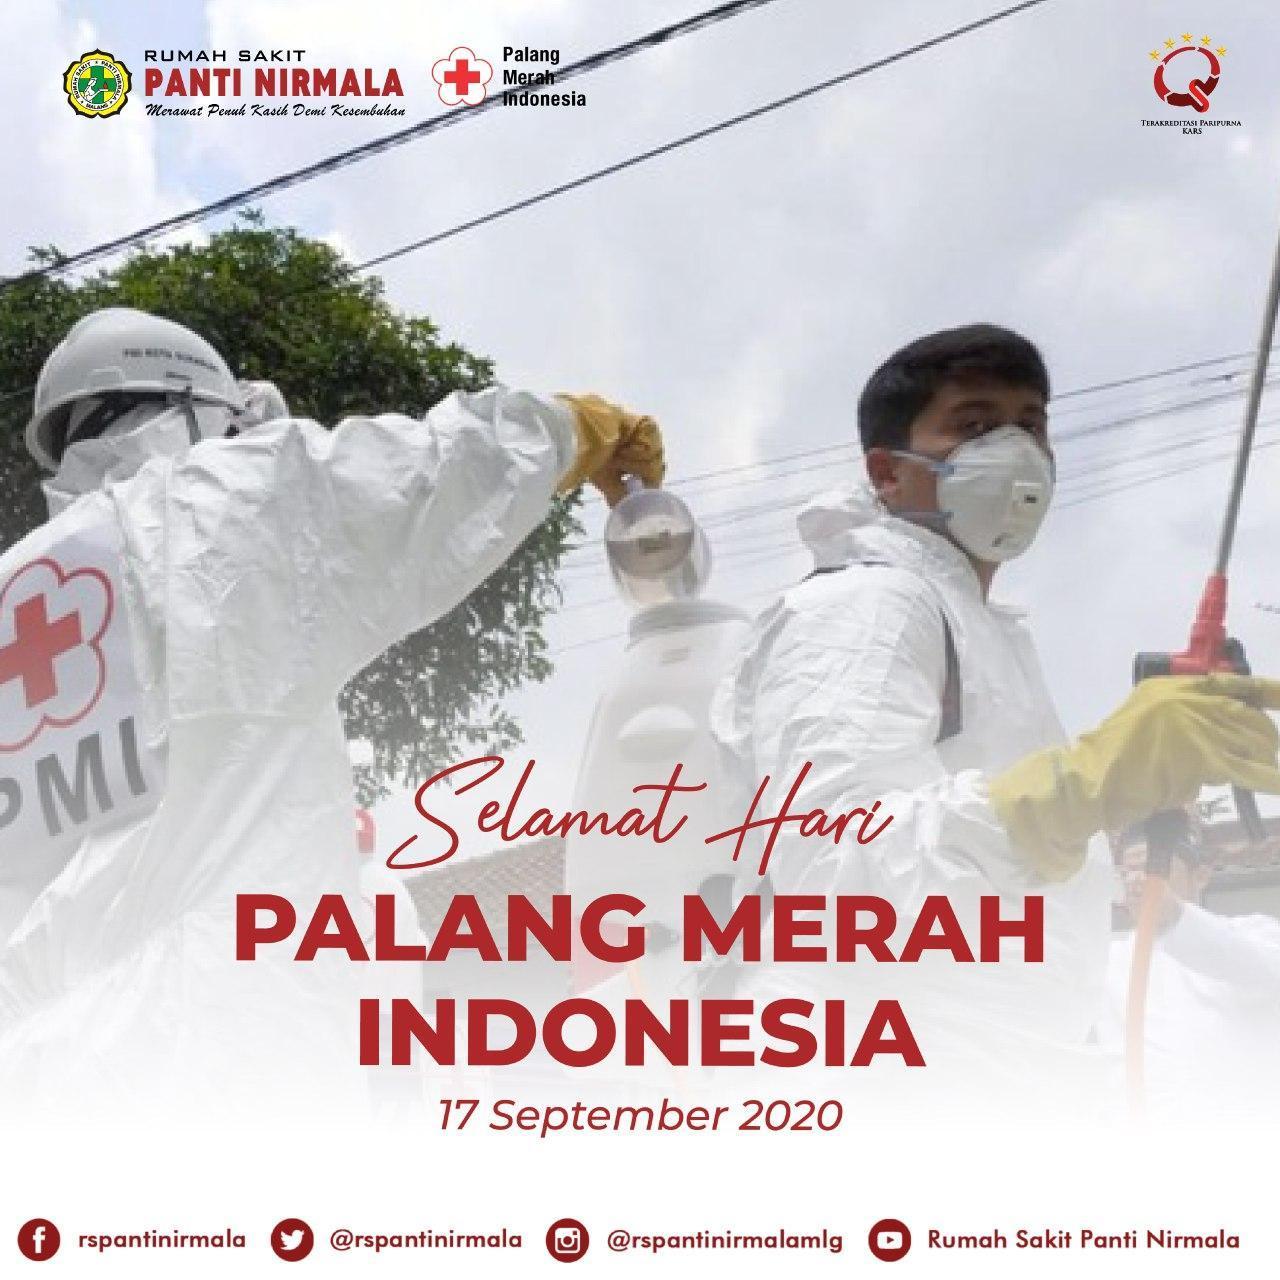 hari-palang-merah-indonesia-2020-87